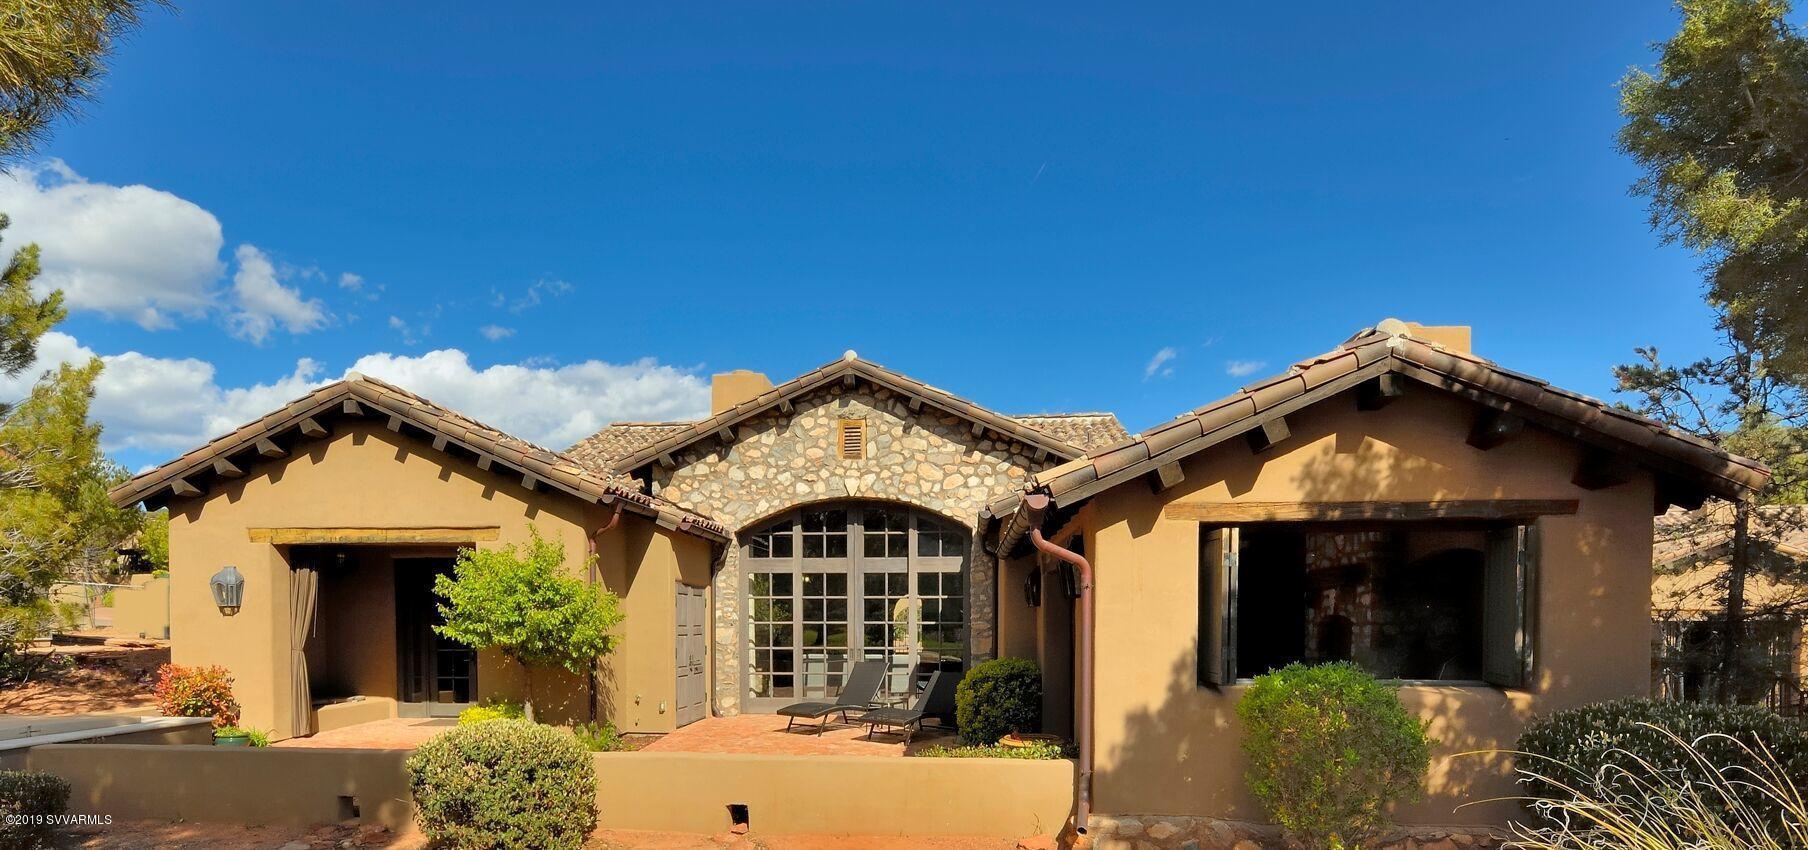 135 Secret Canyon Dr A-4 Drive #A4 Sedona, AZ 86336